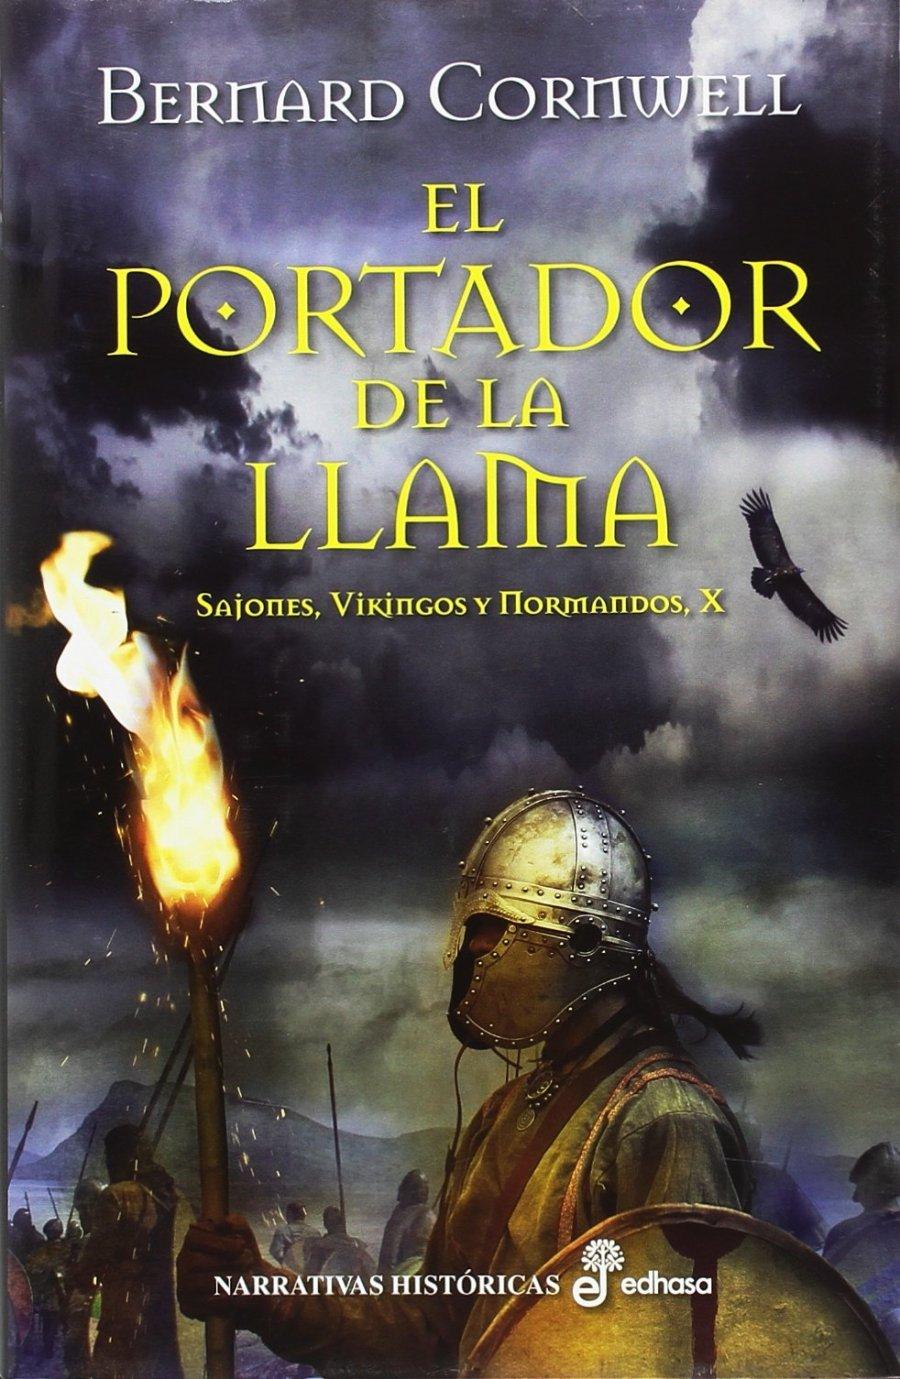 El portador de la llama Book Cover